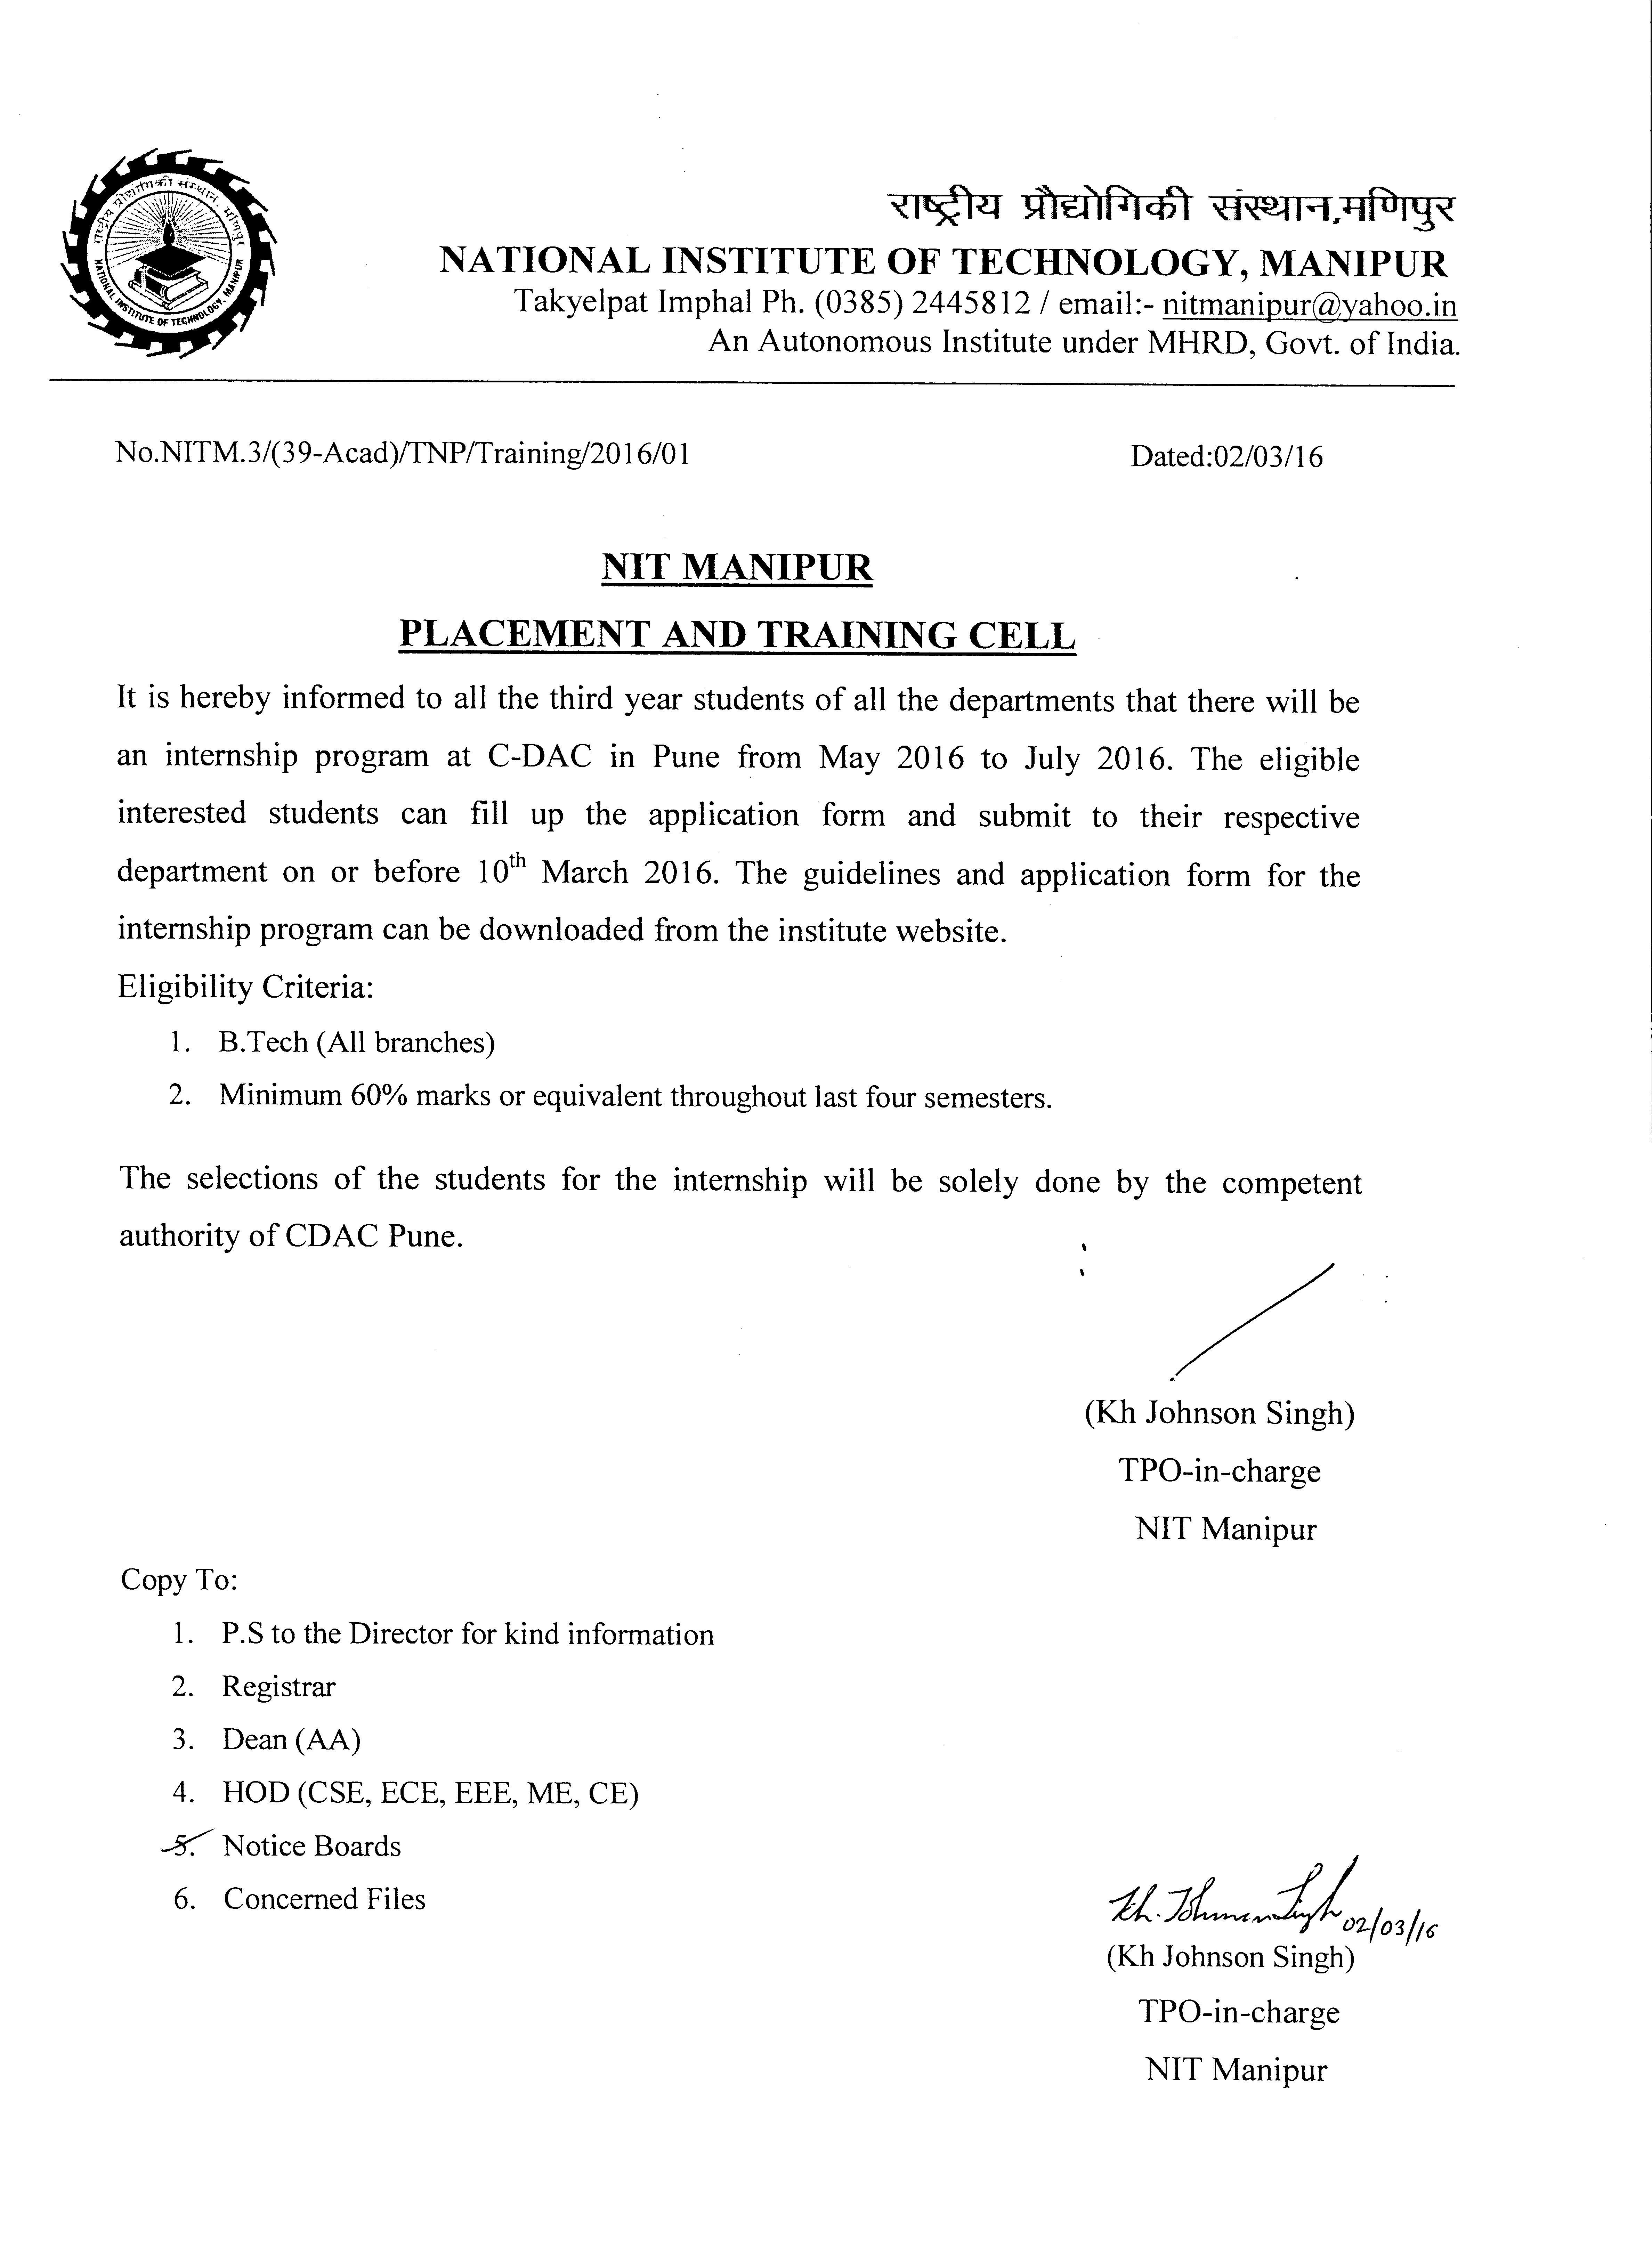 Bsnl inplant training certificate format payslip format in word bsnl inplant training certificate format sample business proposal cdac bsnl inplant training certificate formathtml yadclub Images